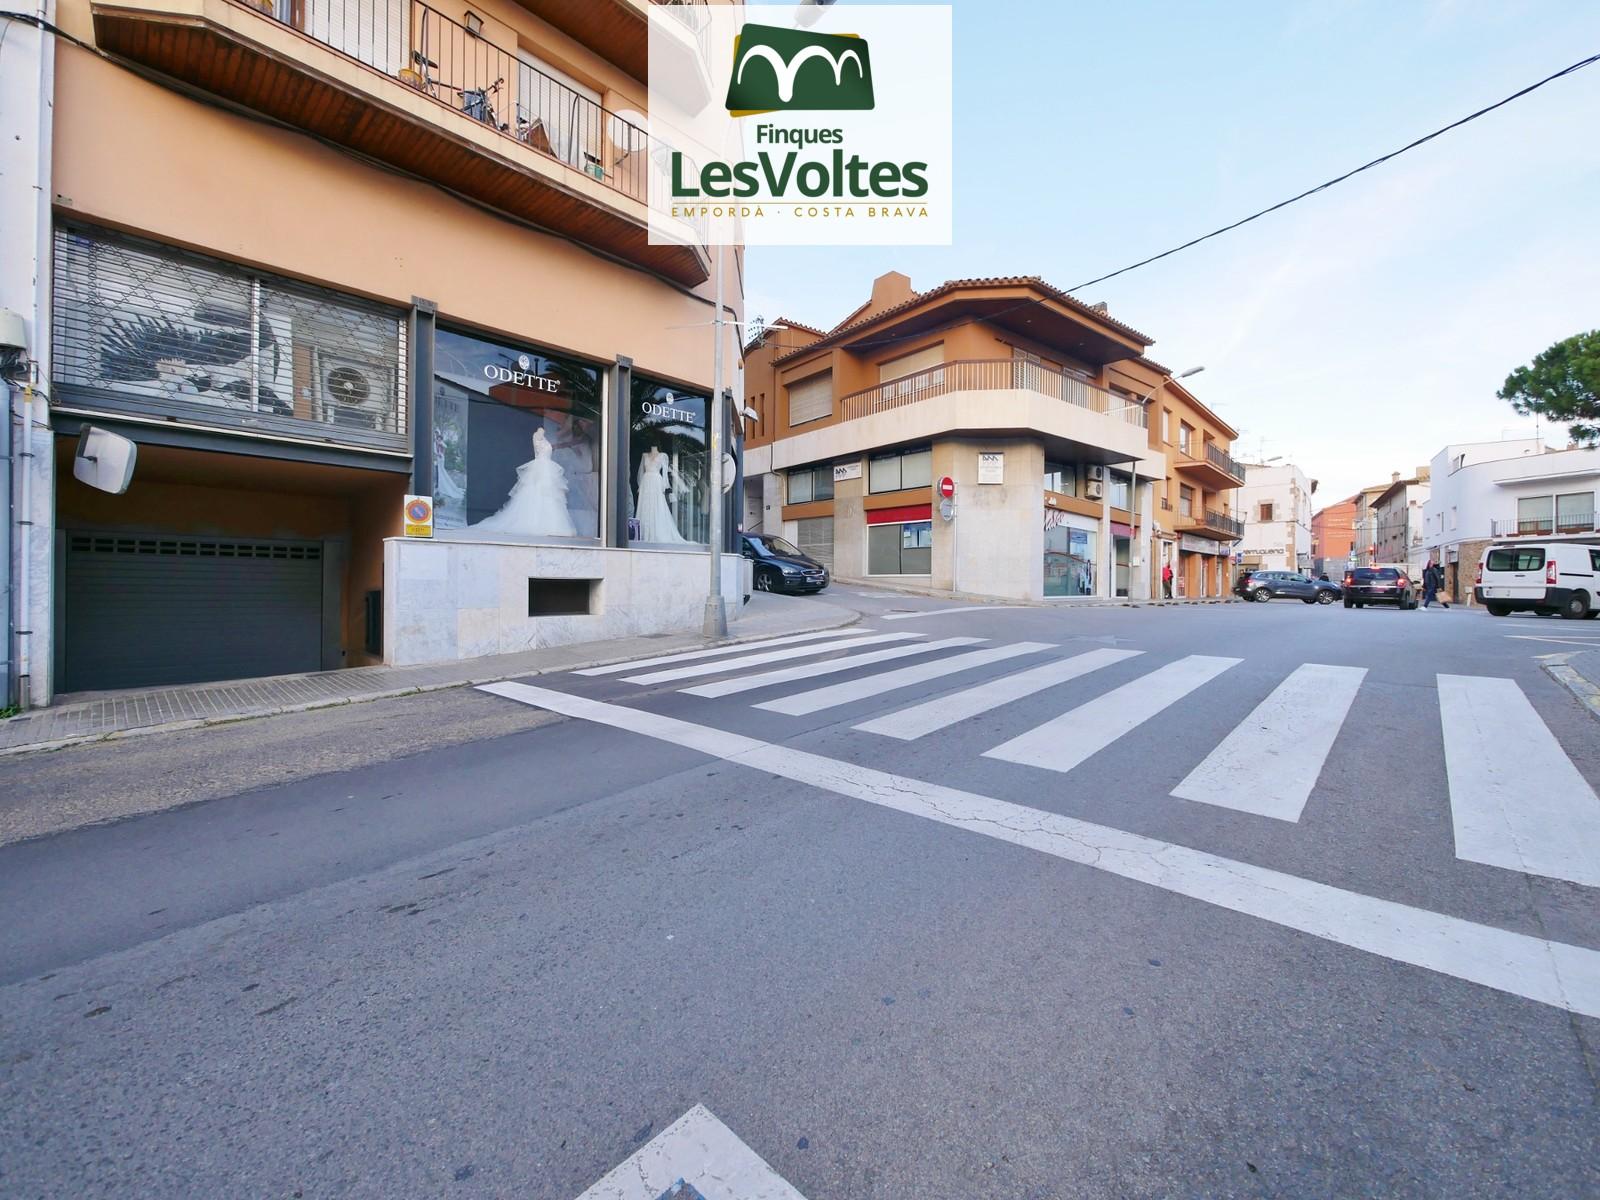 Plaça d'aparcament en lloguer al centre de Palafrugell. Fàcil accés i bona maniobrabilitat.